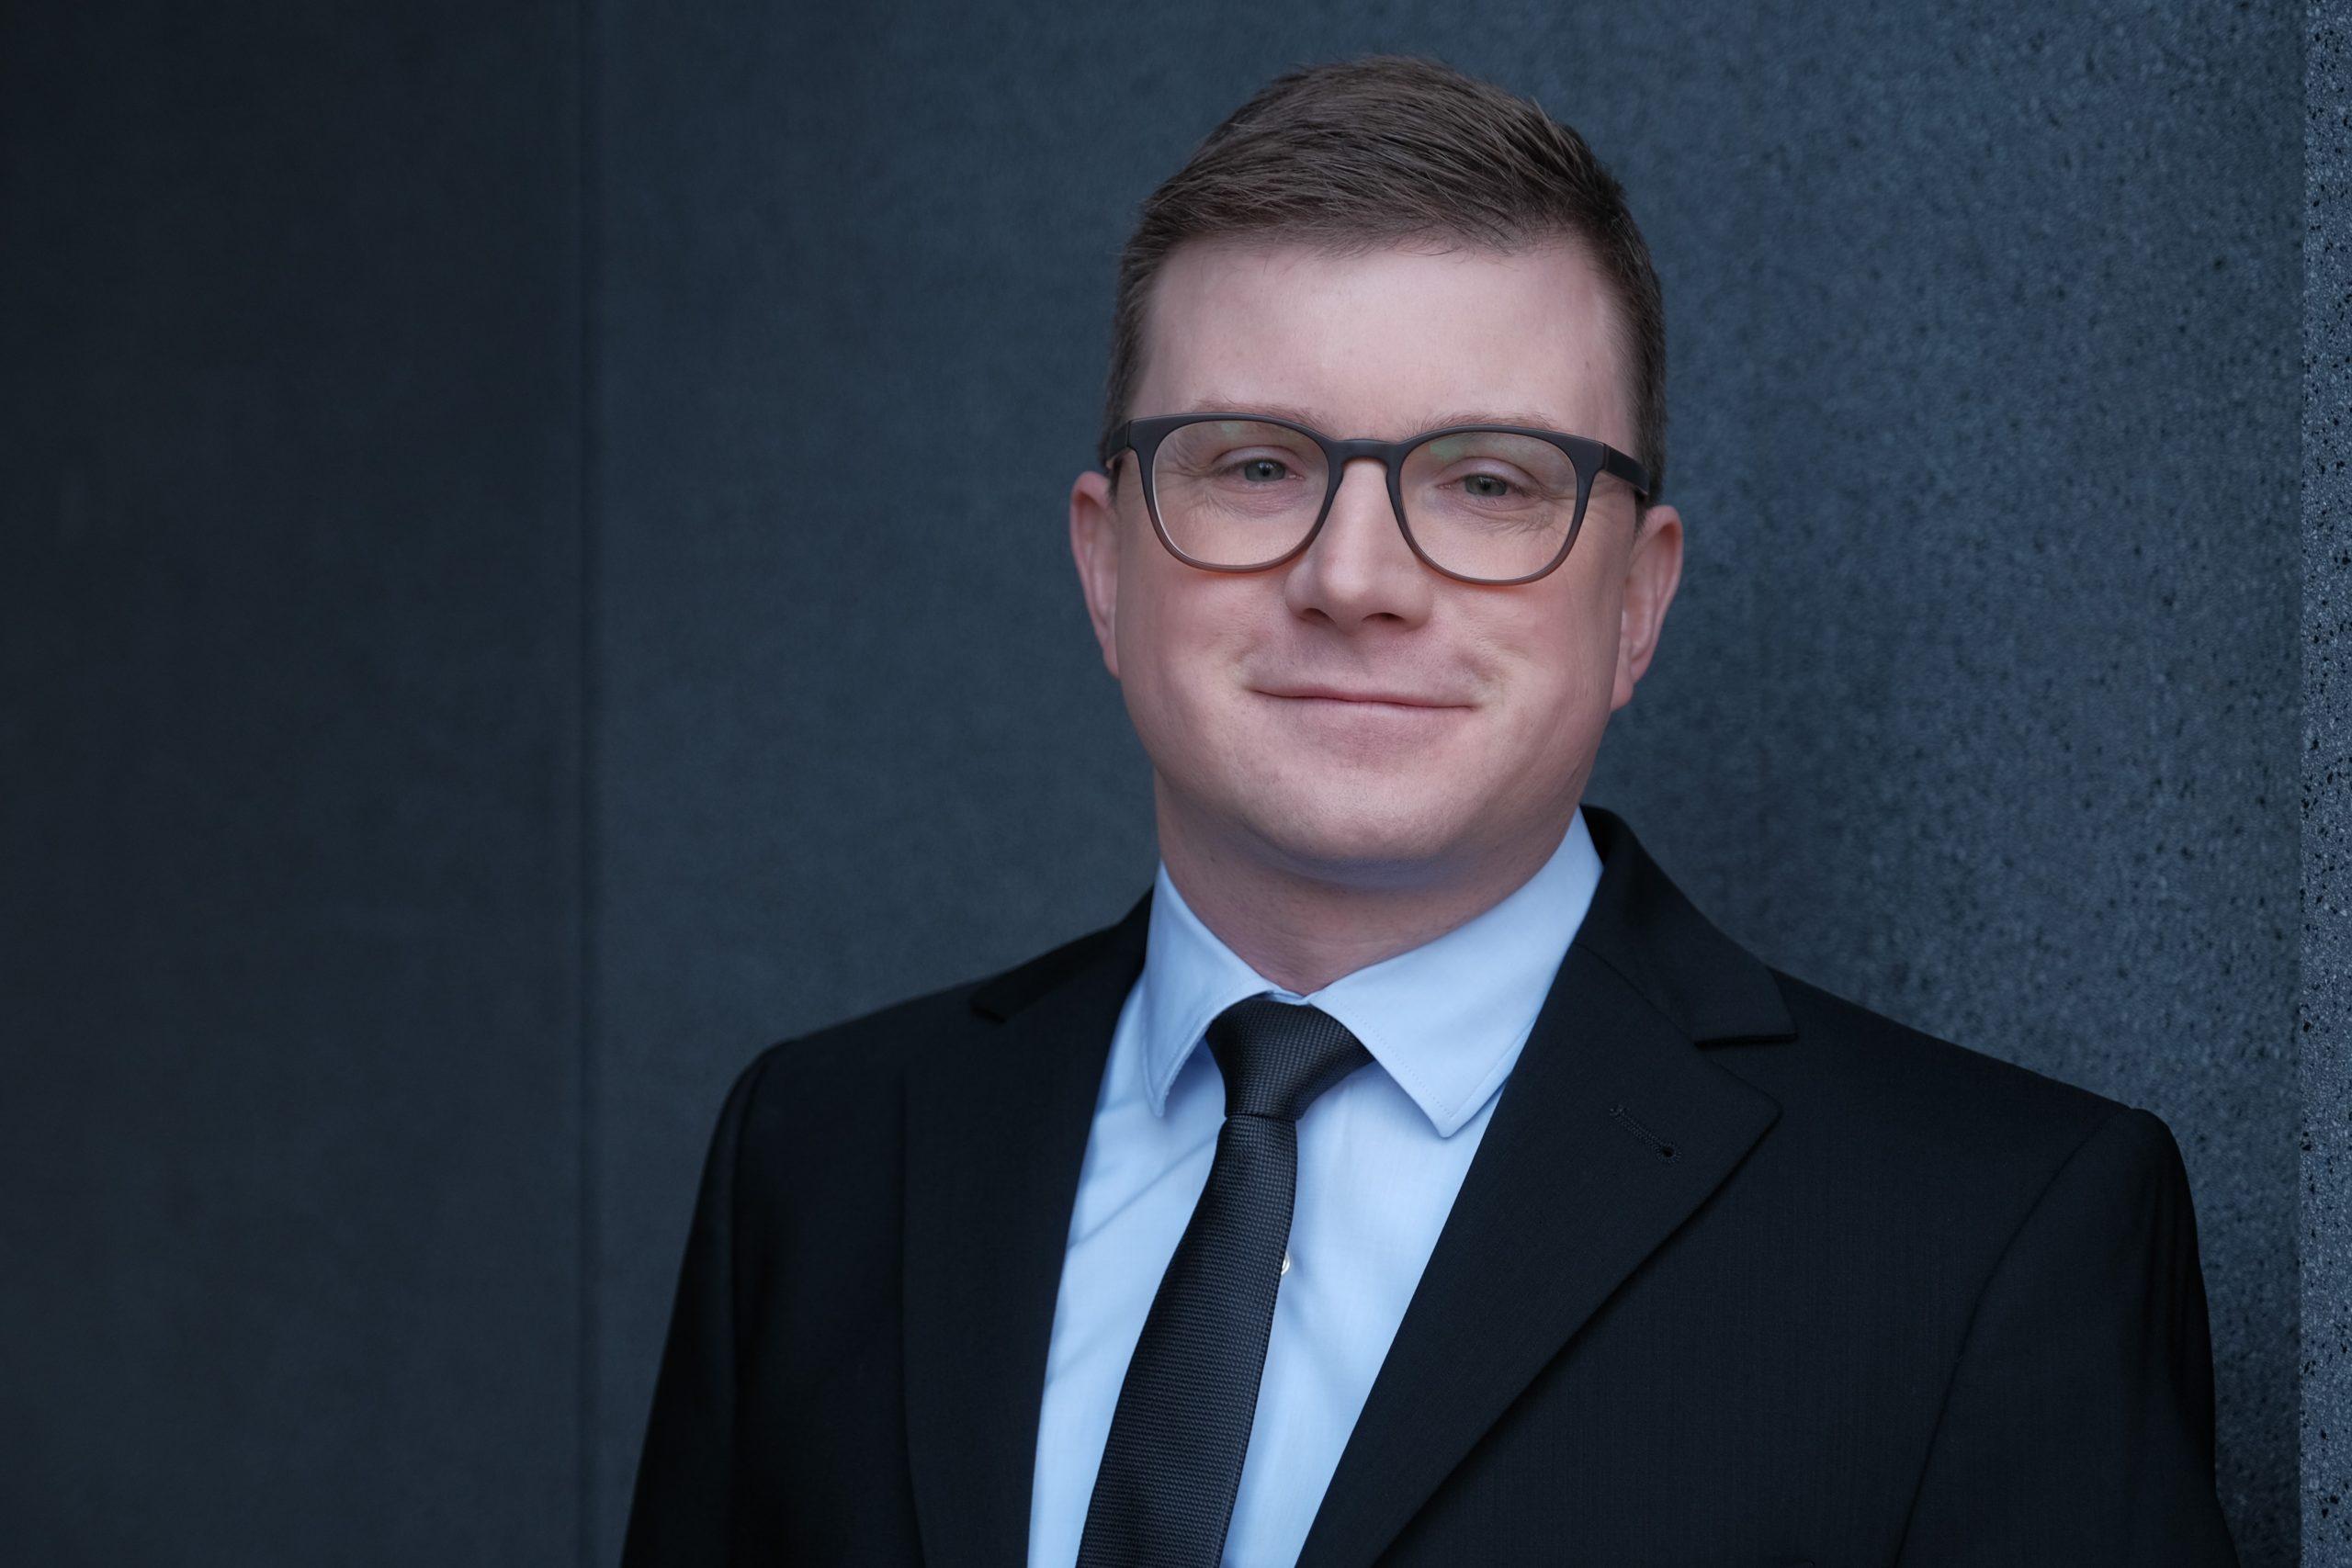 Pfarrer Tim Winkel als neuer Delegierter in die Hauptversammlung der Diakonie RWL gewählt